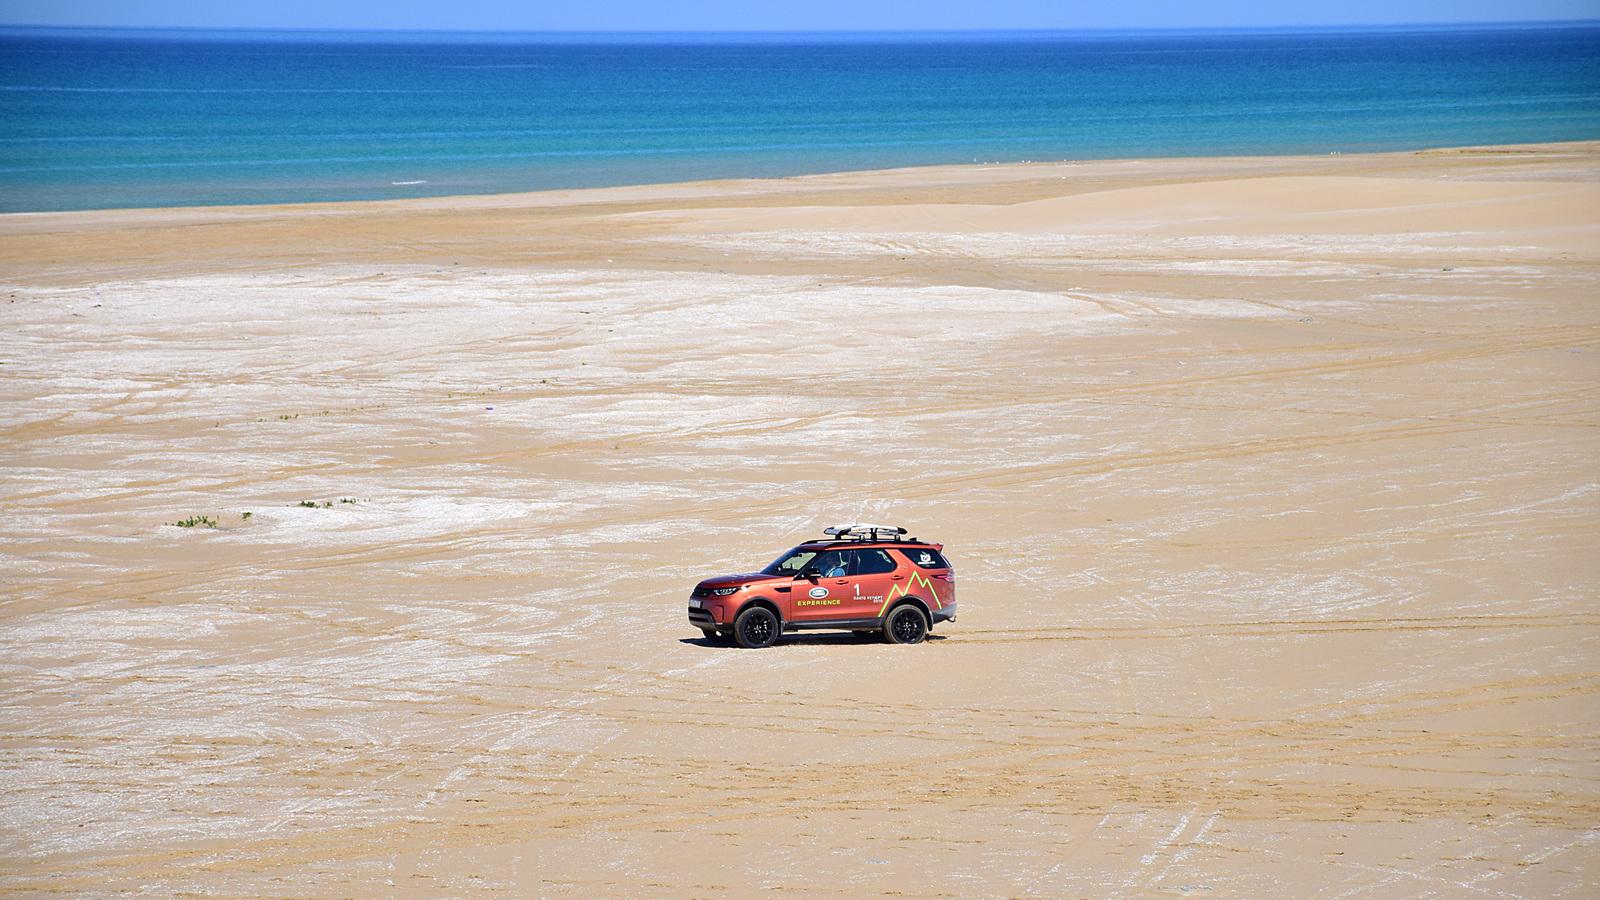 996 - Близкий космос: на новом Land Rover Discovery – по плато Устюрт